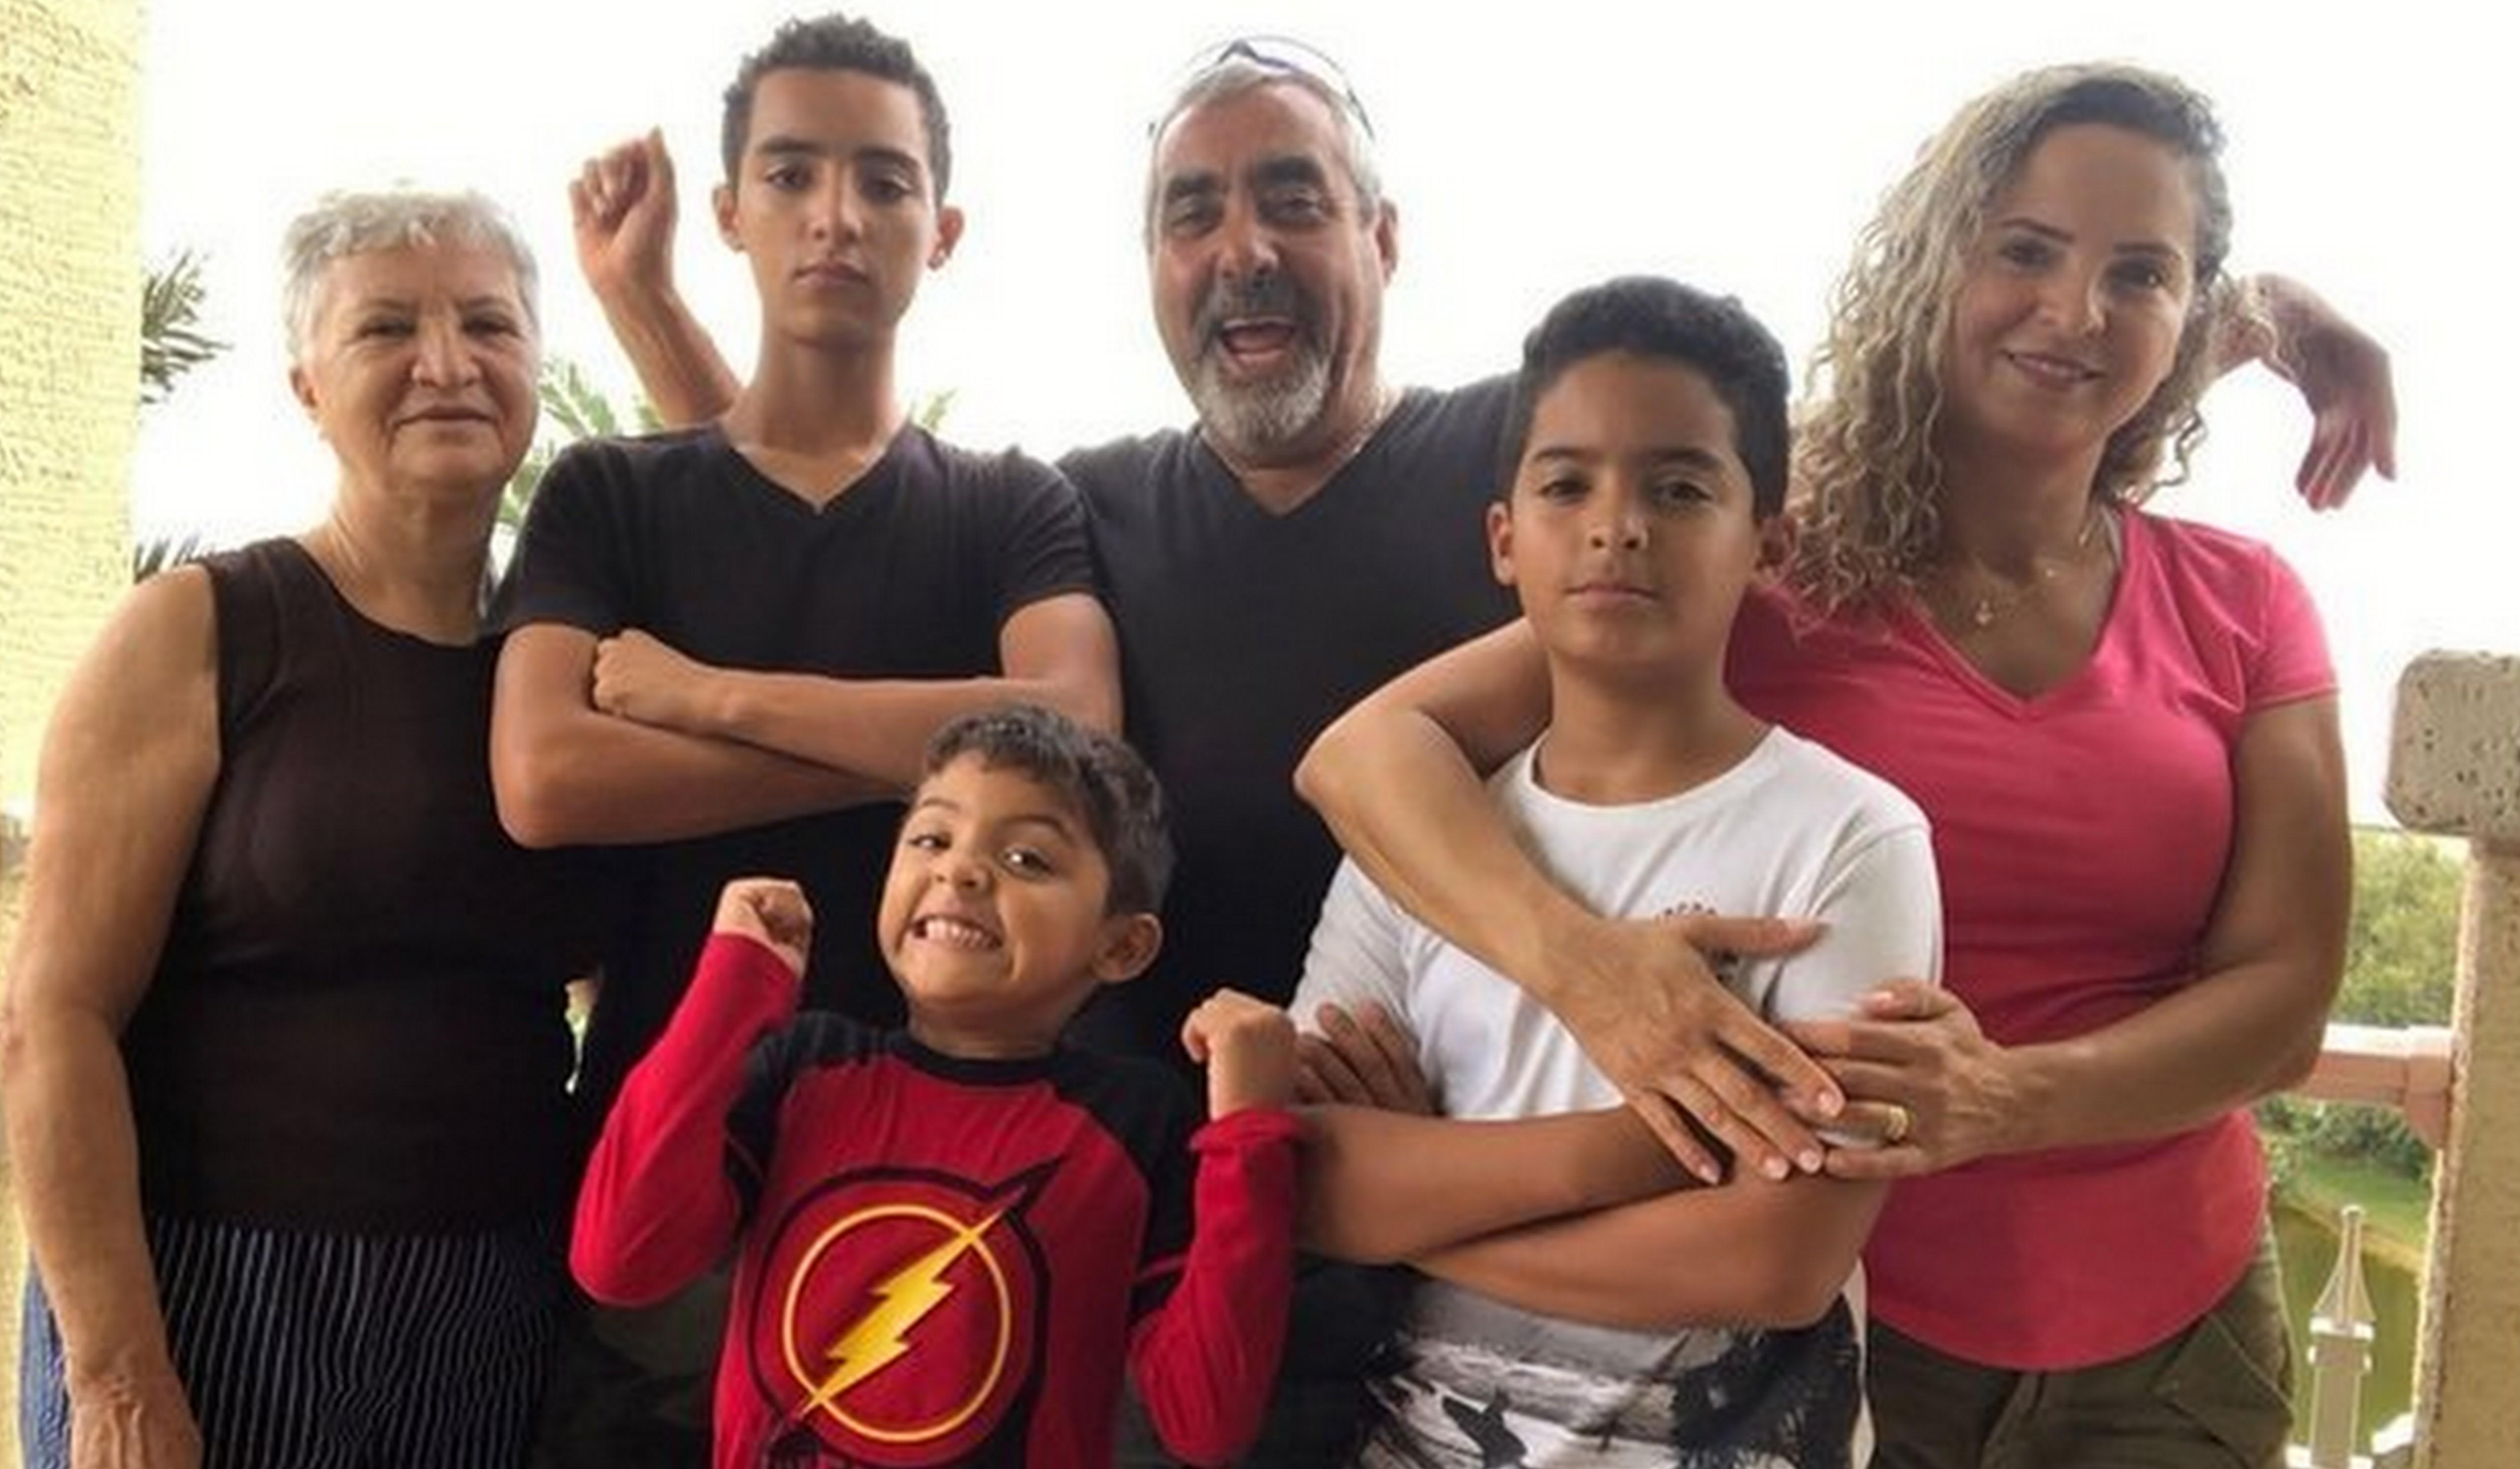 Brasileiros abrem suas casas para desconhecidos que fogem de furacão nos EUA 4